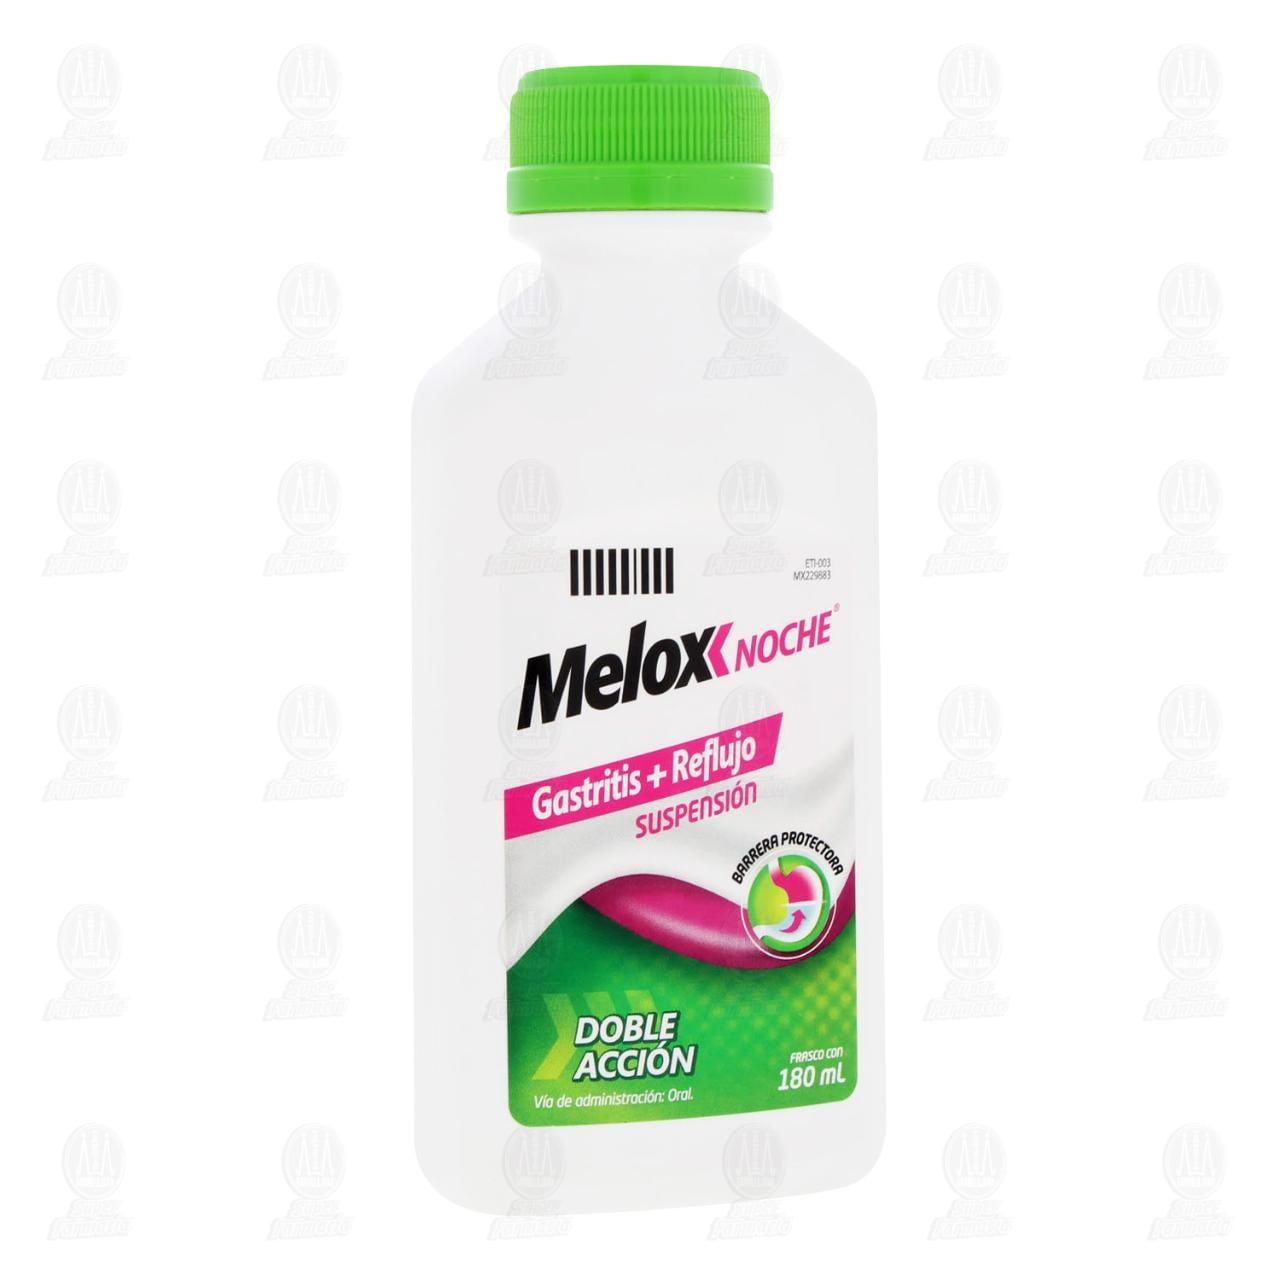 Comprar Melox Noche Suspensión 180ml en Farmacias Guadalajara